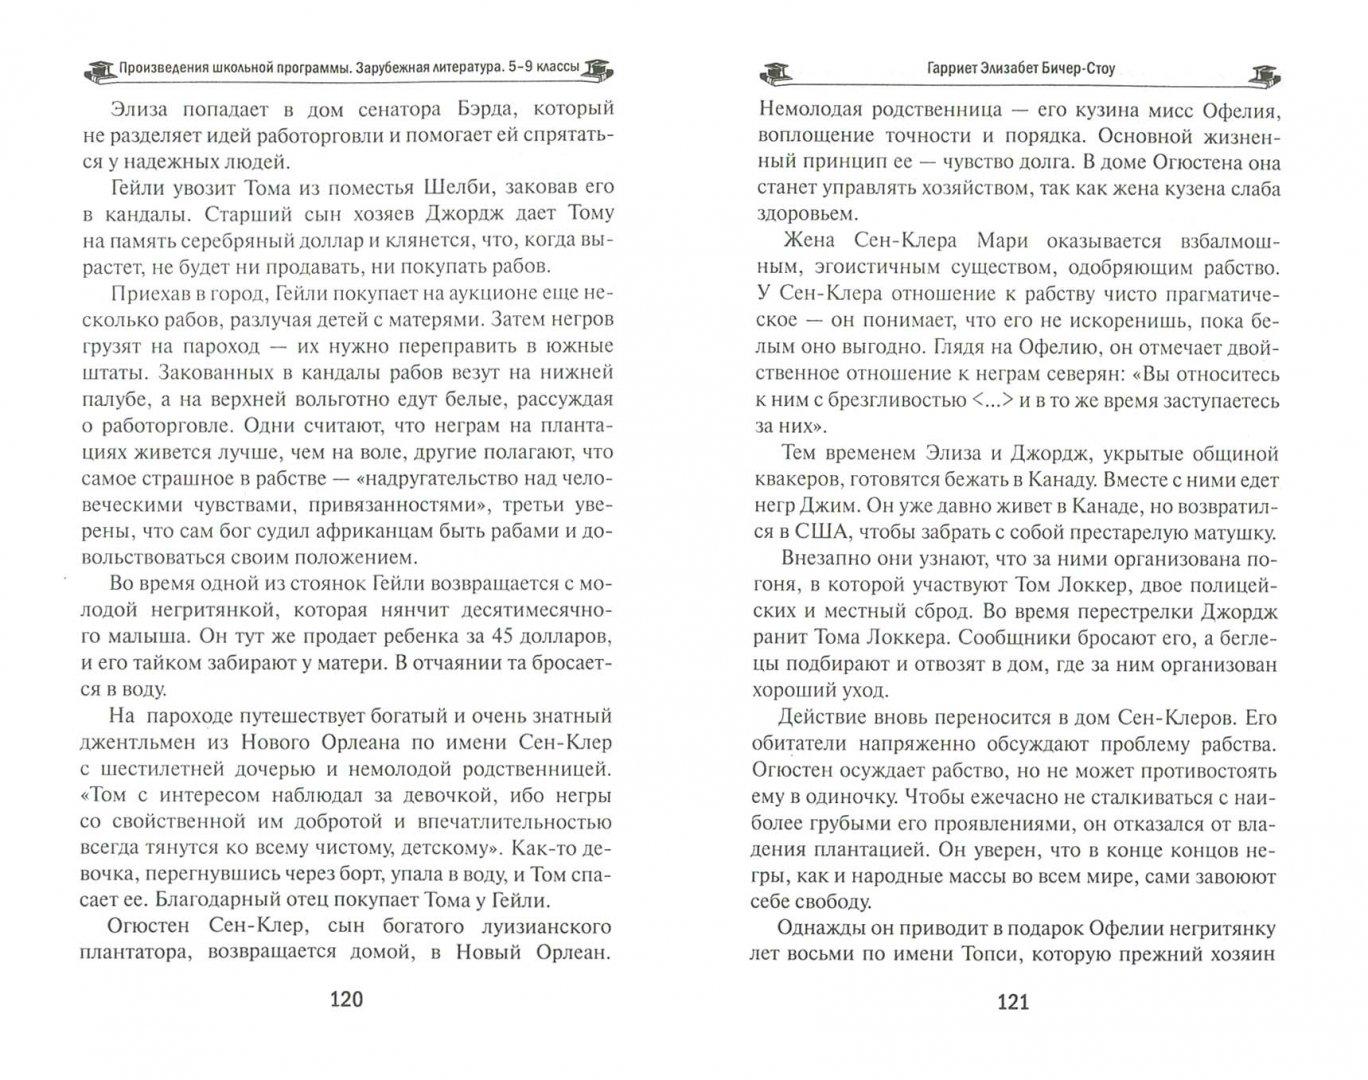 Иллюстрация 1 из 17 для Произведения школьной программы. Зарубежная литература. 5-9 классы - Госсман, Маханова, Киосе | Лабиринт - книги. Источник: Лабиринт